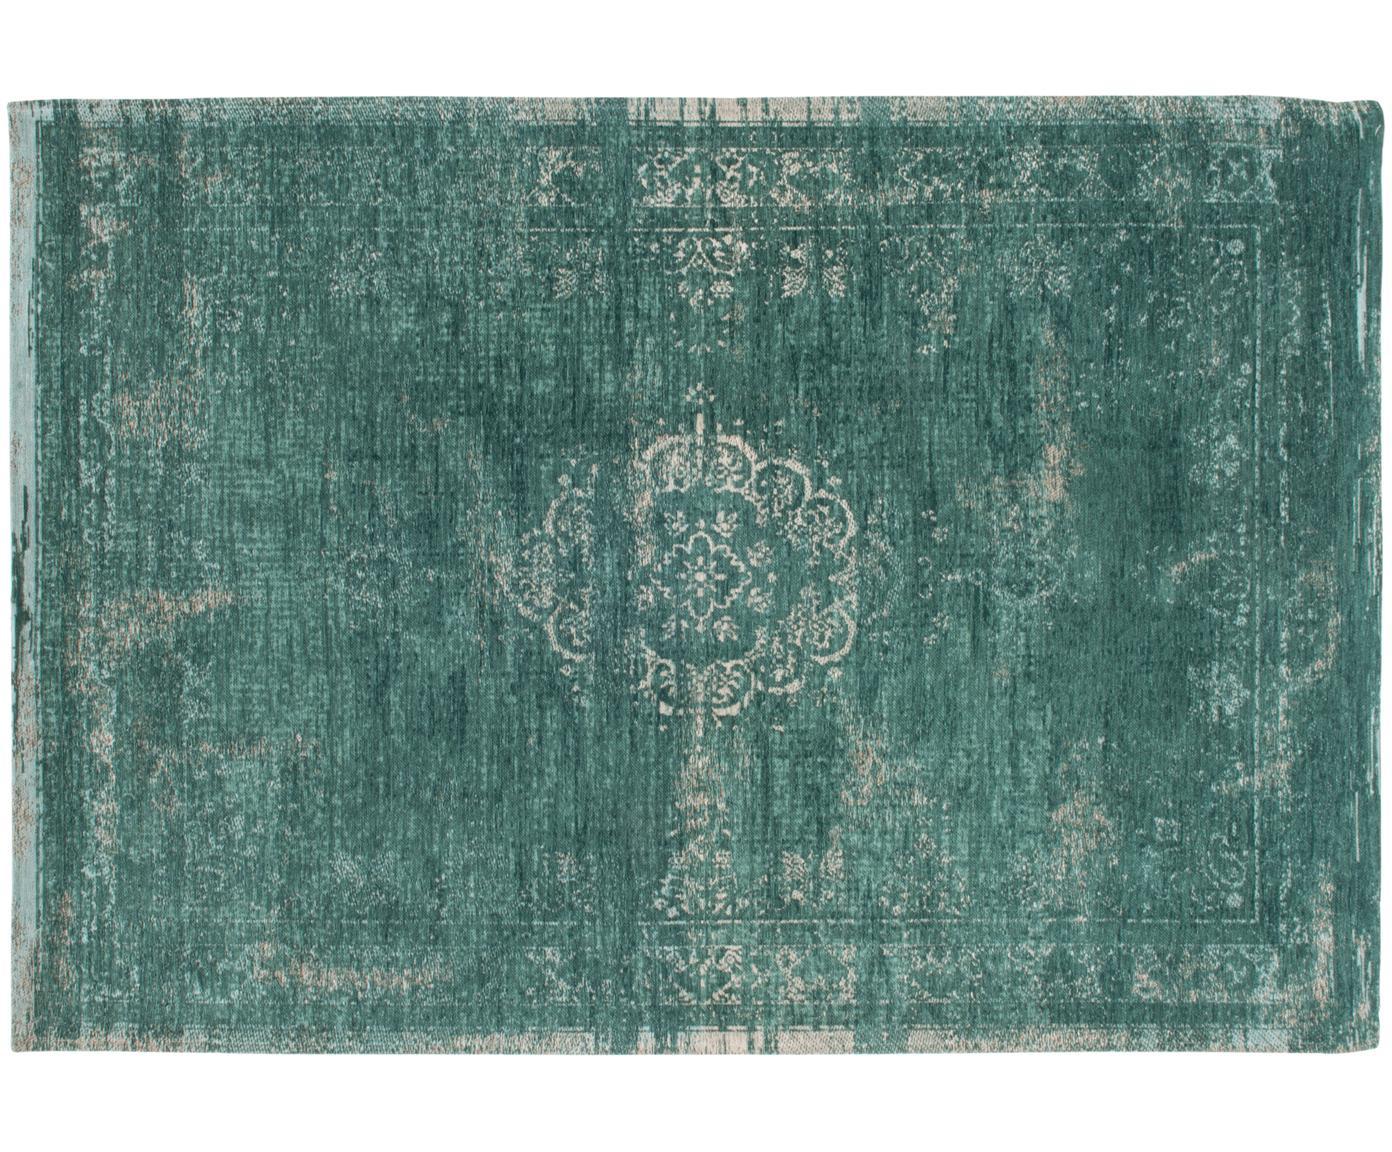 Tappeto vintage in ciniglia Medaillon, Tessuto: Jacquard, Retro: Filato di ciniglia, rives, Verde, grigio, Larg. 140 x Lung. 200 cm (taglia S)